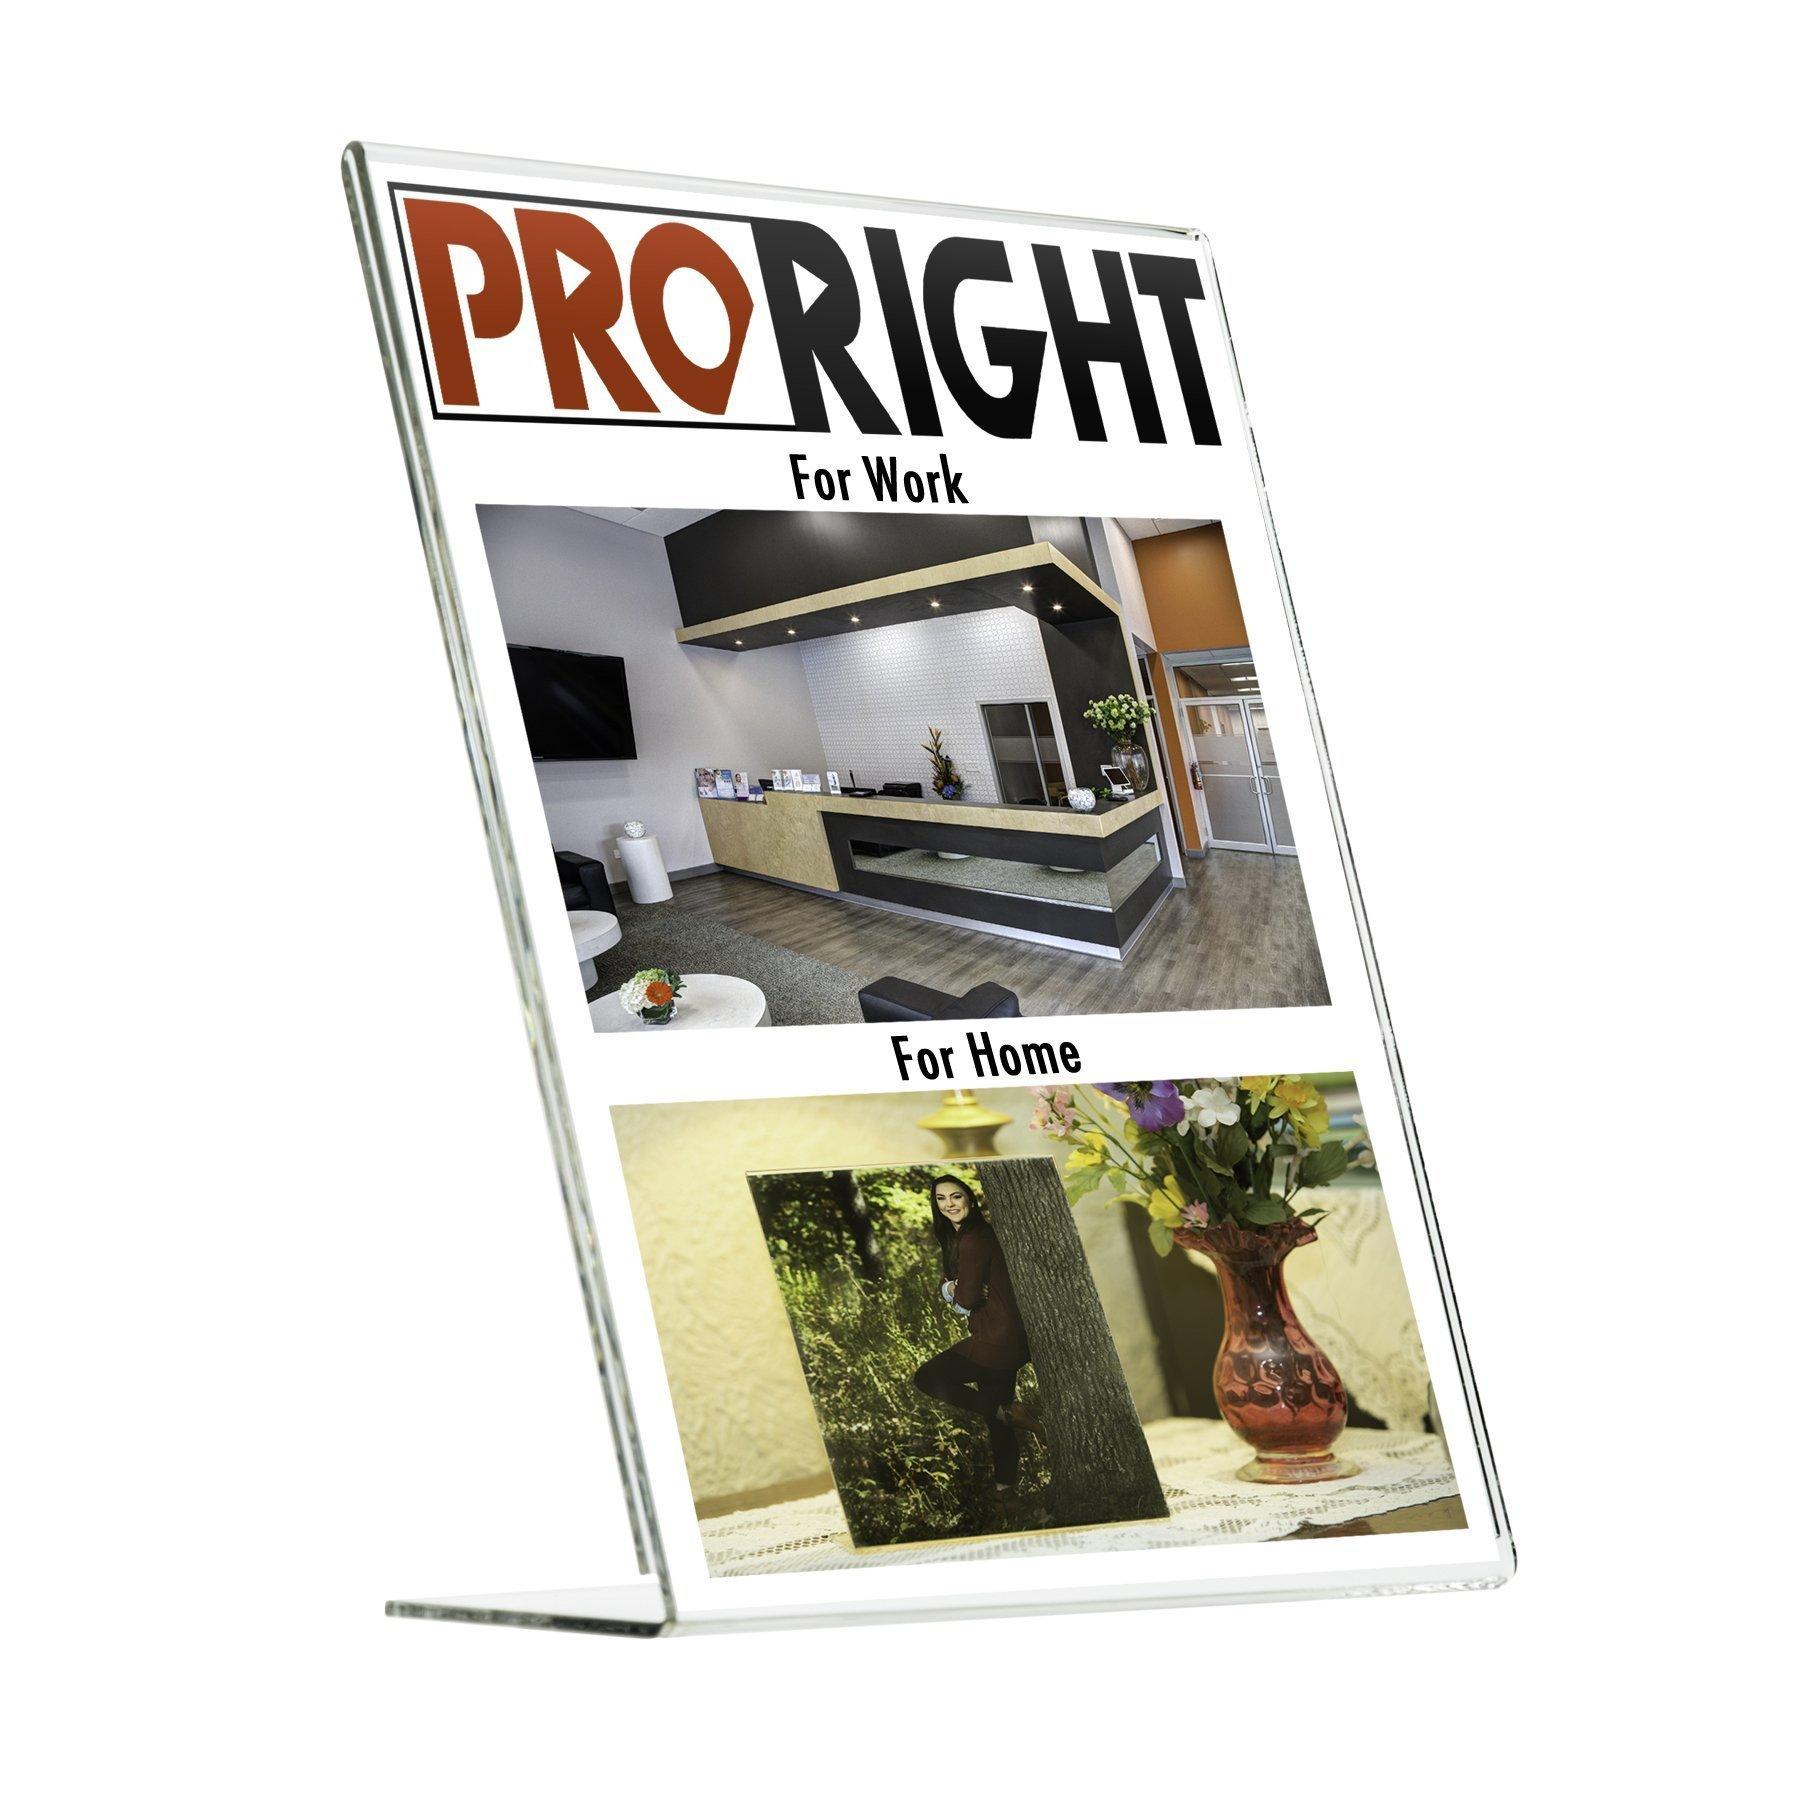 Cheap 8 5 X 11 Acrylic Frame Find 8 5 X 11 Acrylic Frame Deals On